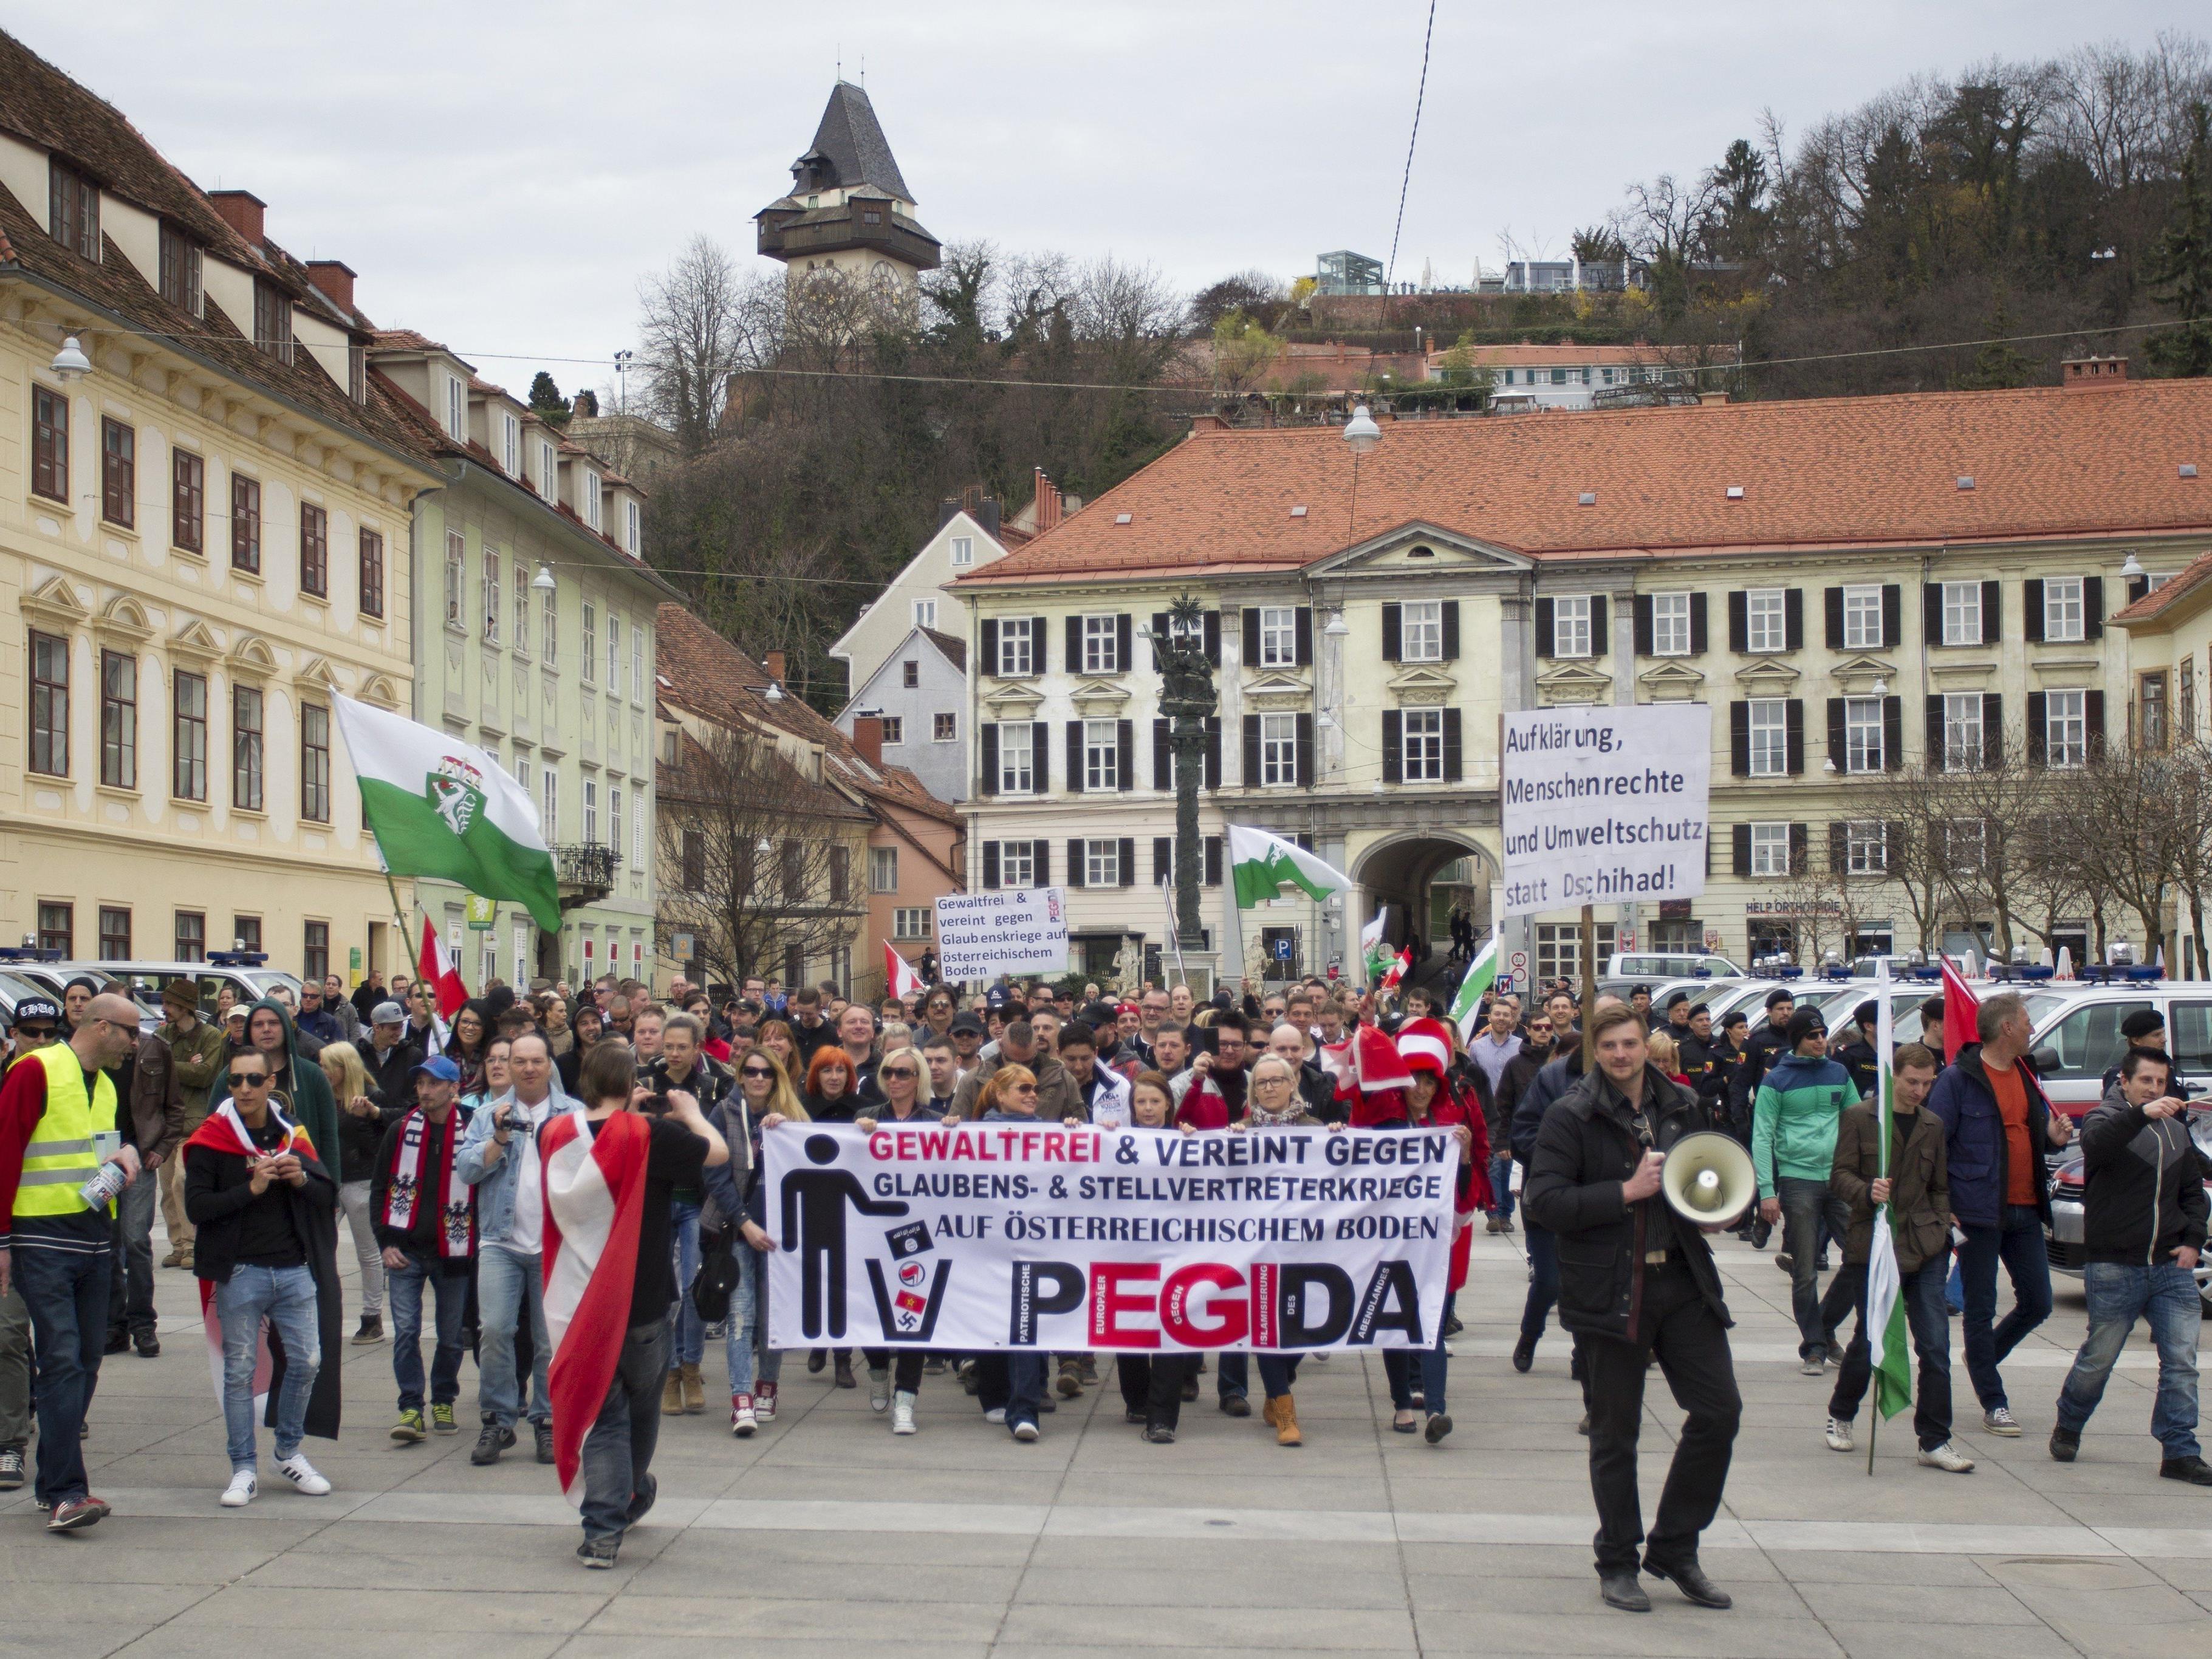 Eine Pegida-Kundgebung in Graz 2015.